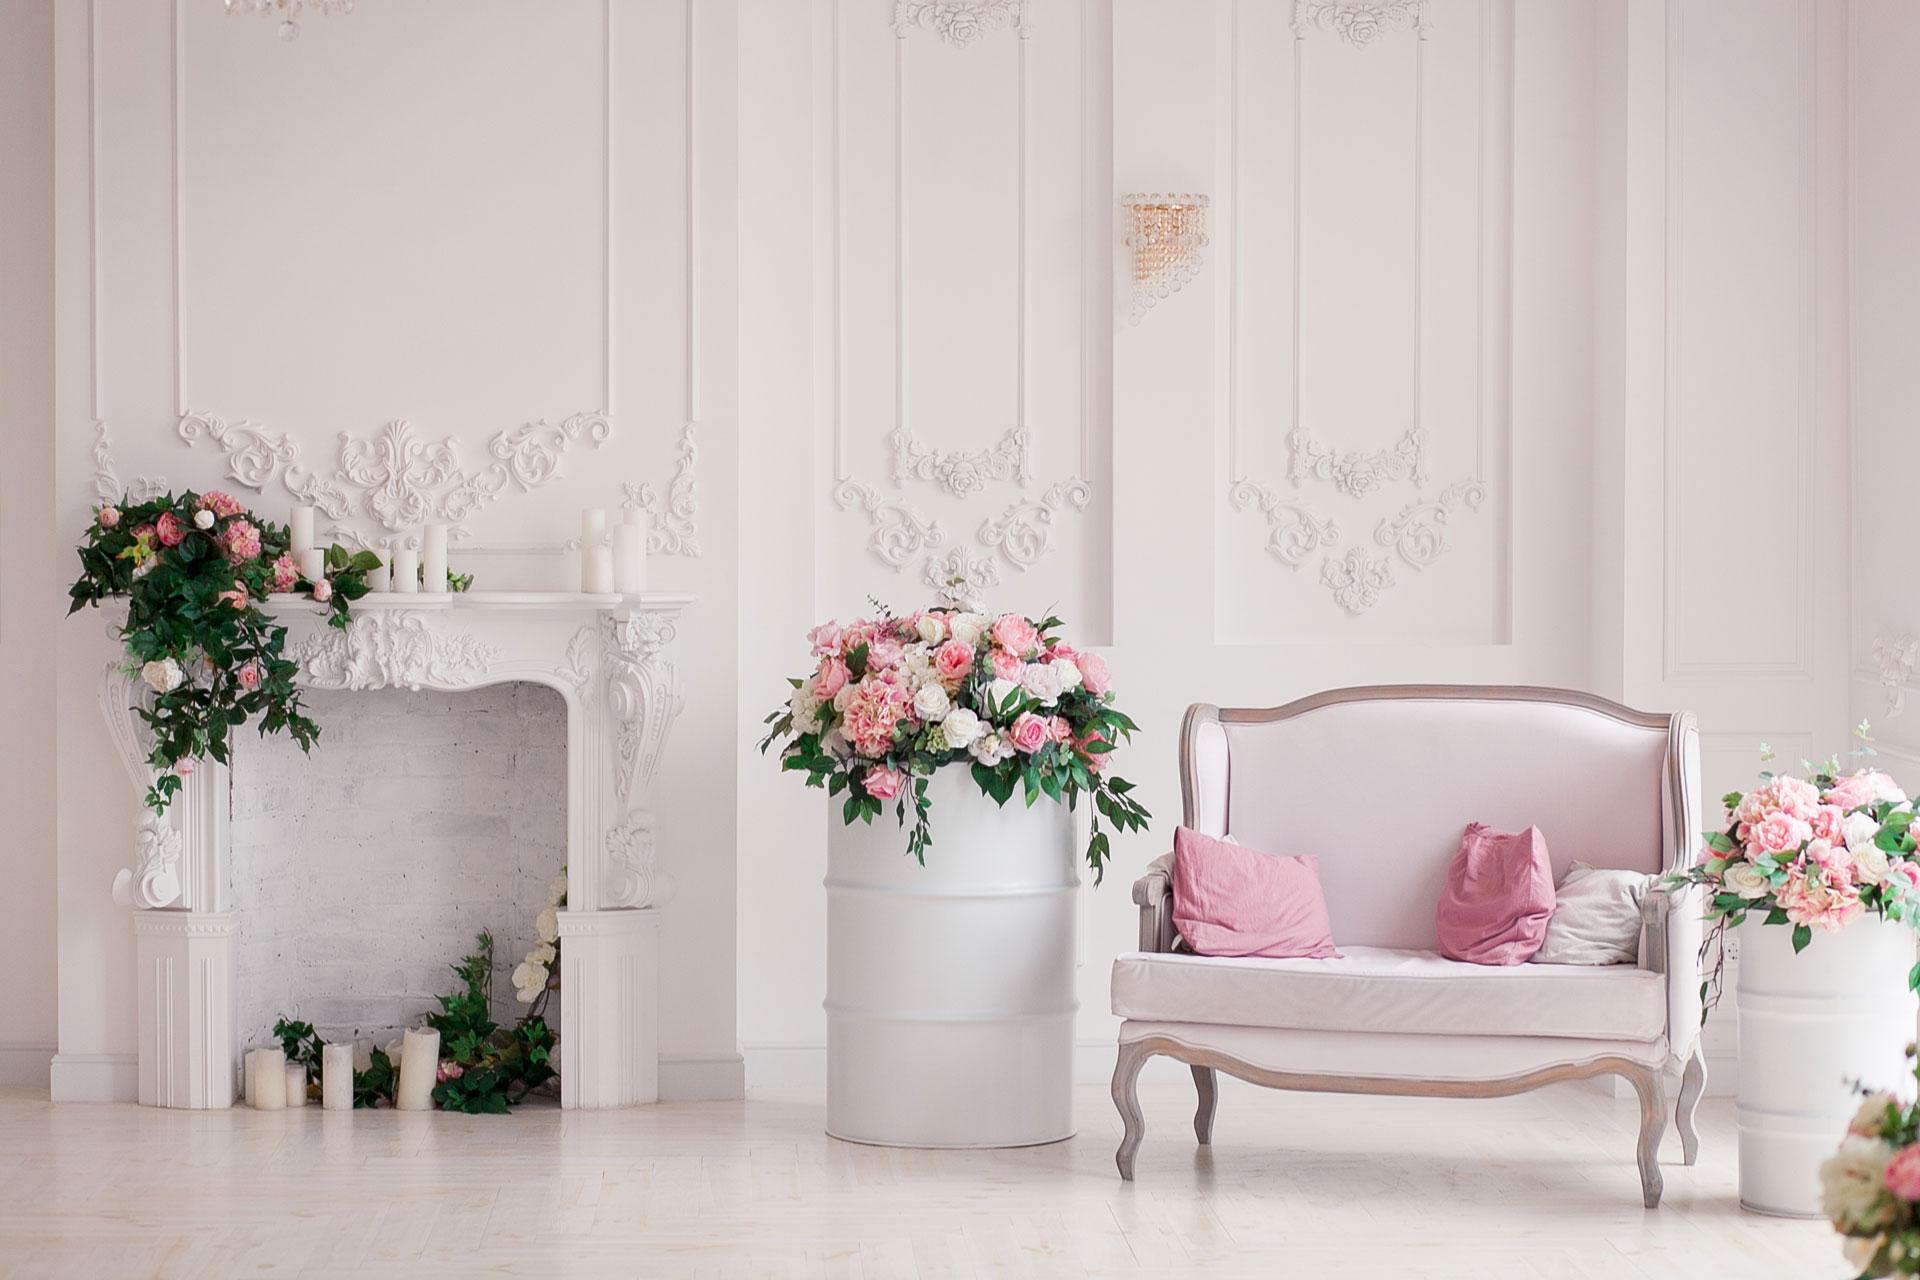 Izrada cvetnih dekoracija po Vašem izboru - Davidovac Flower Studio